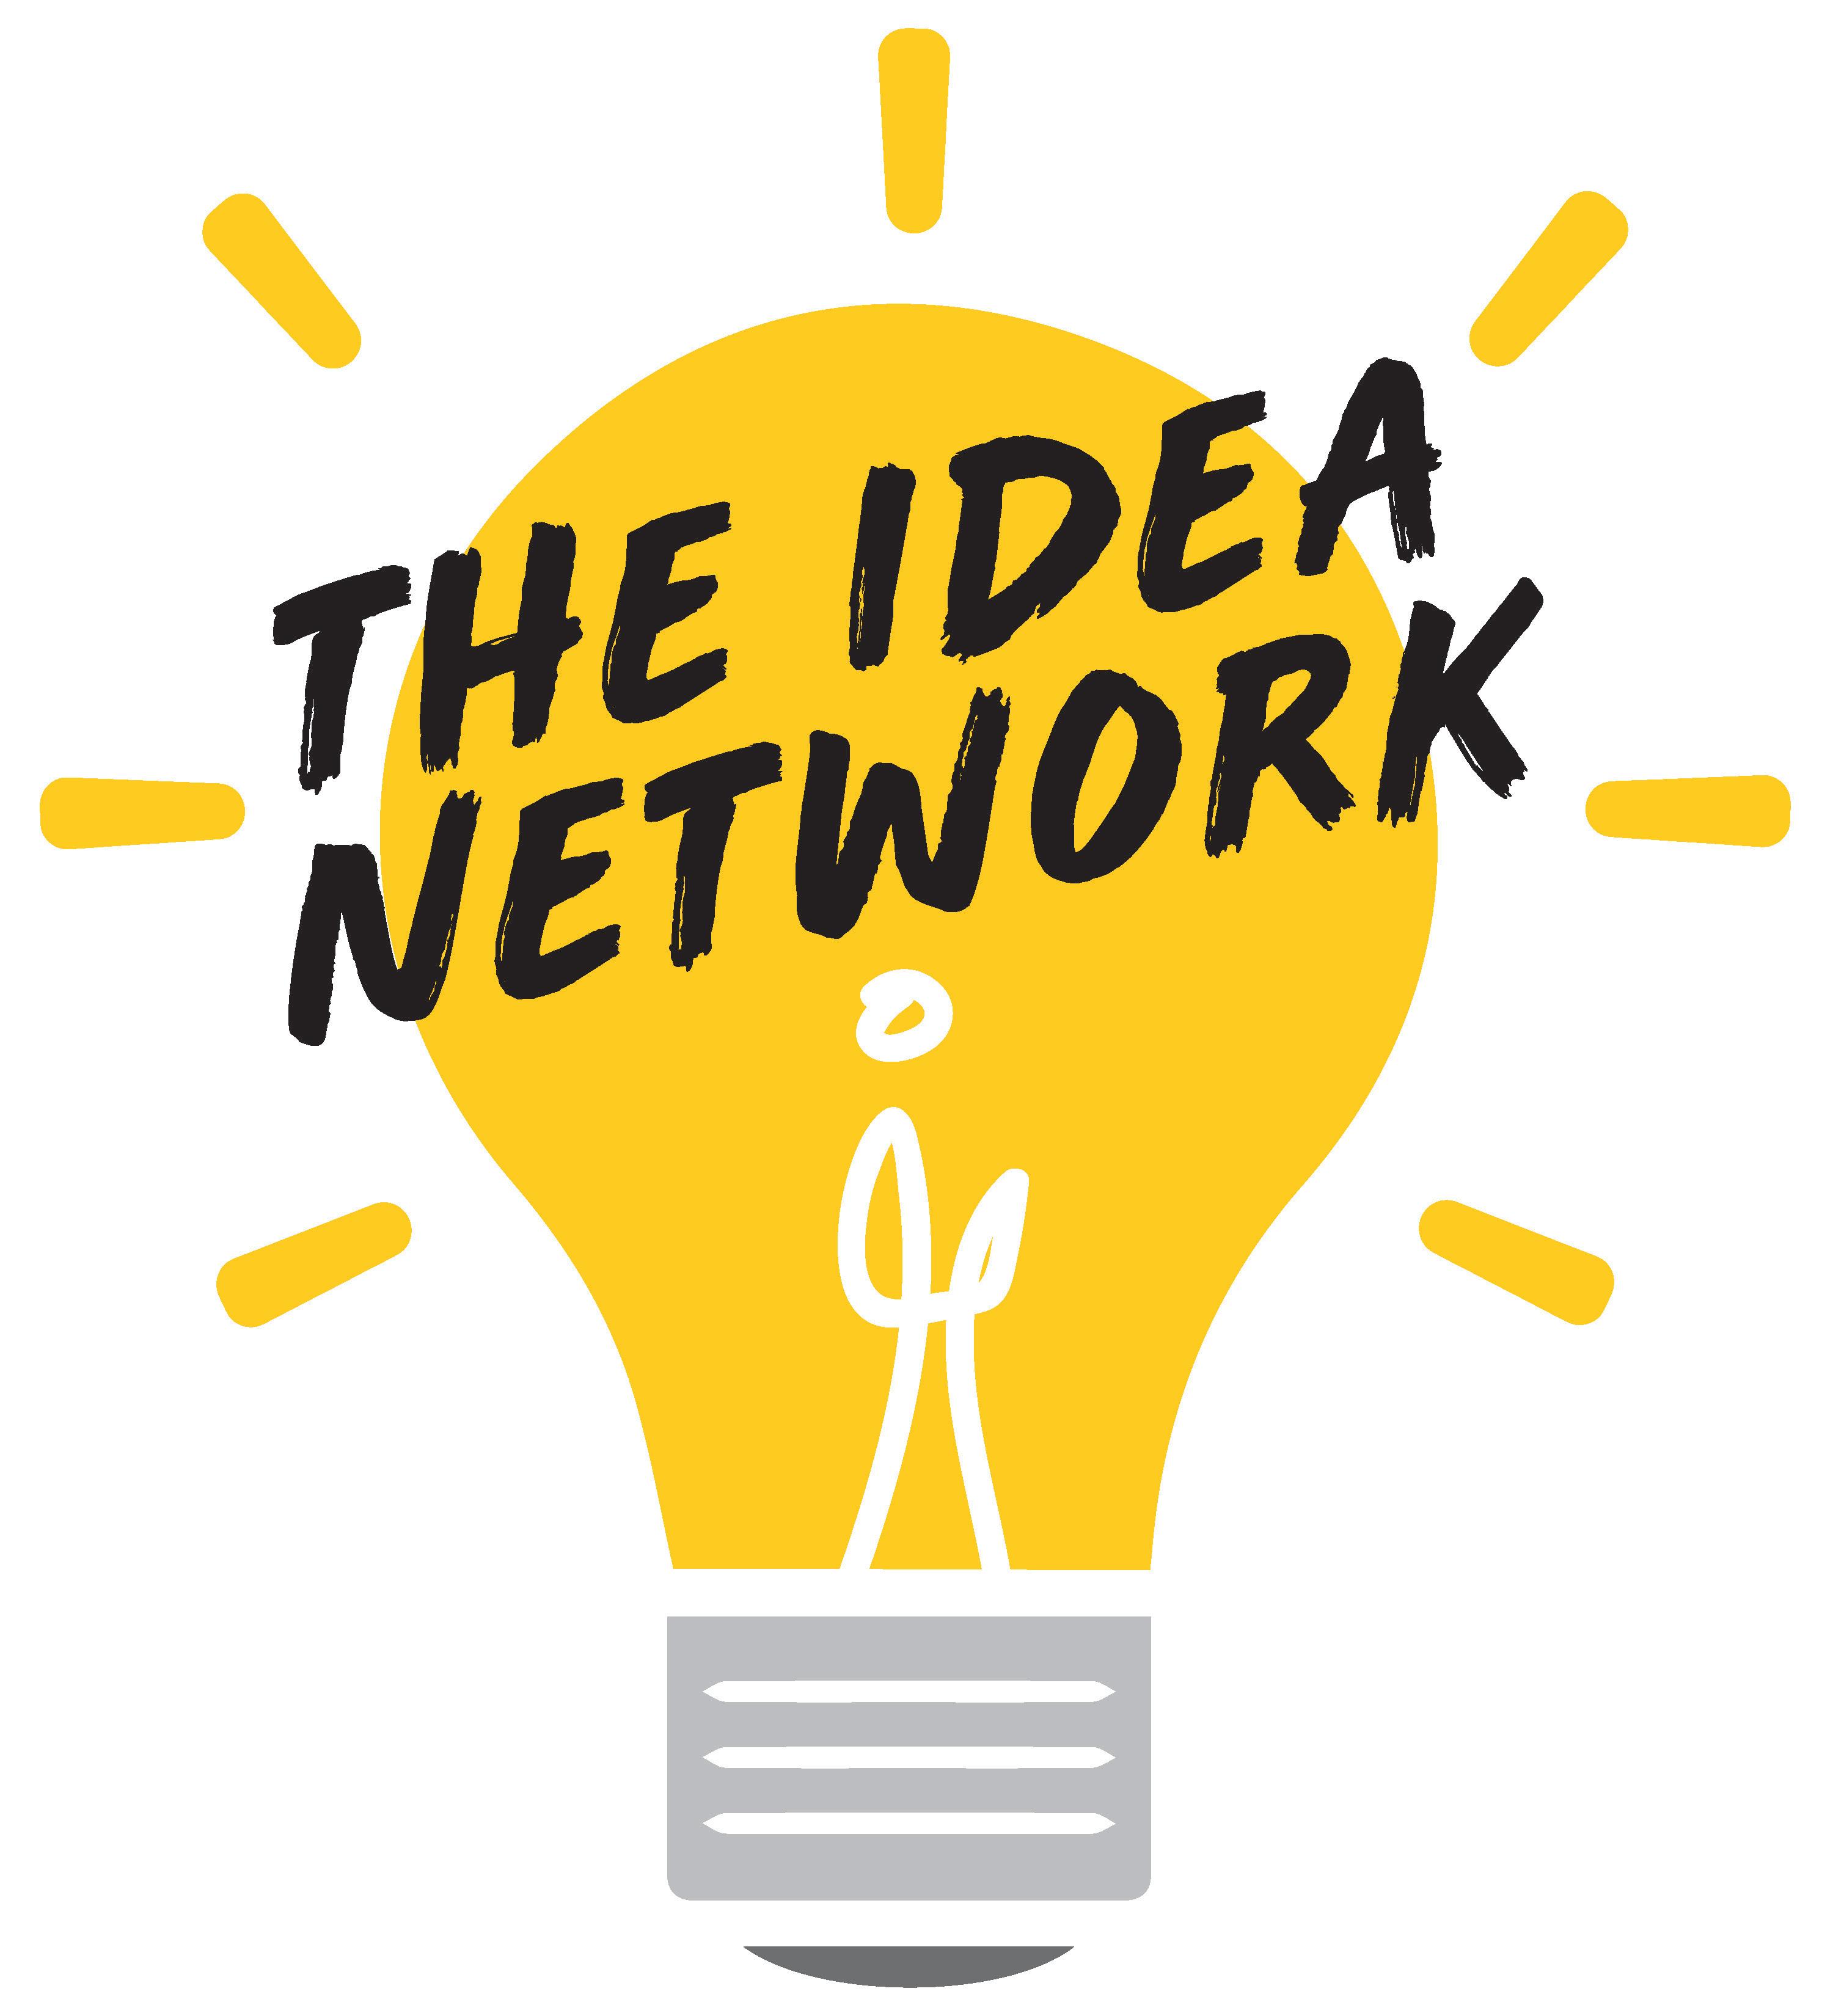 Idea Network